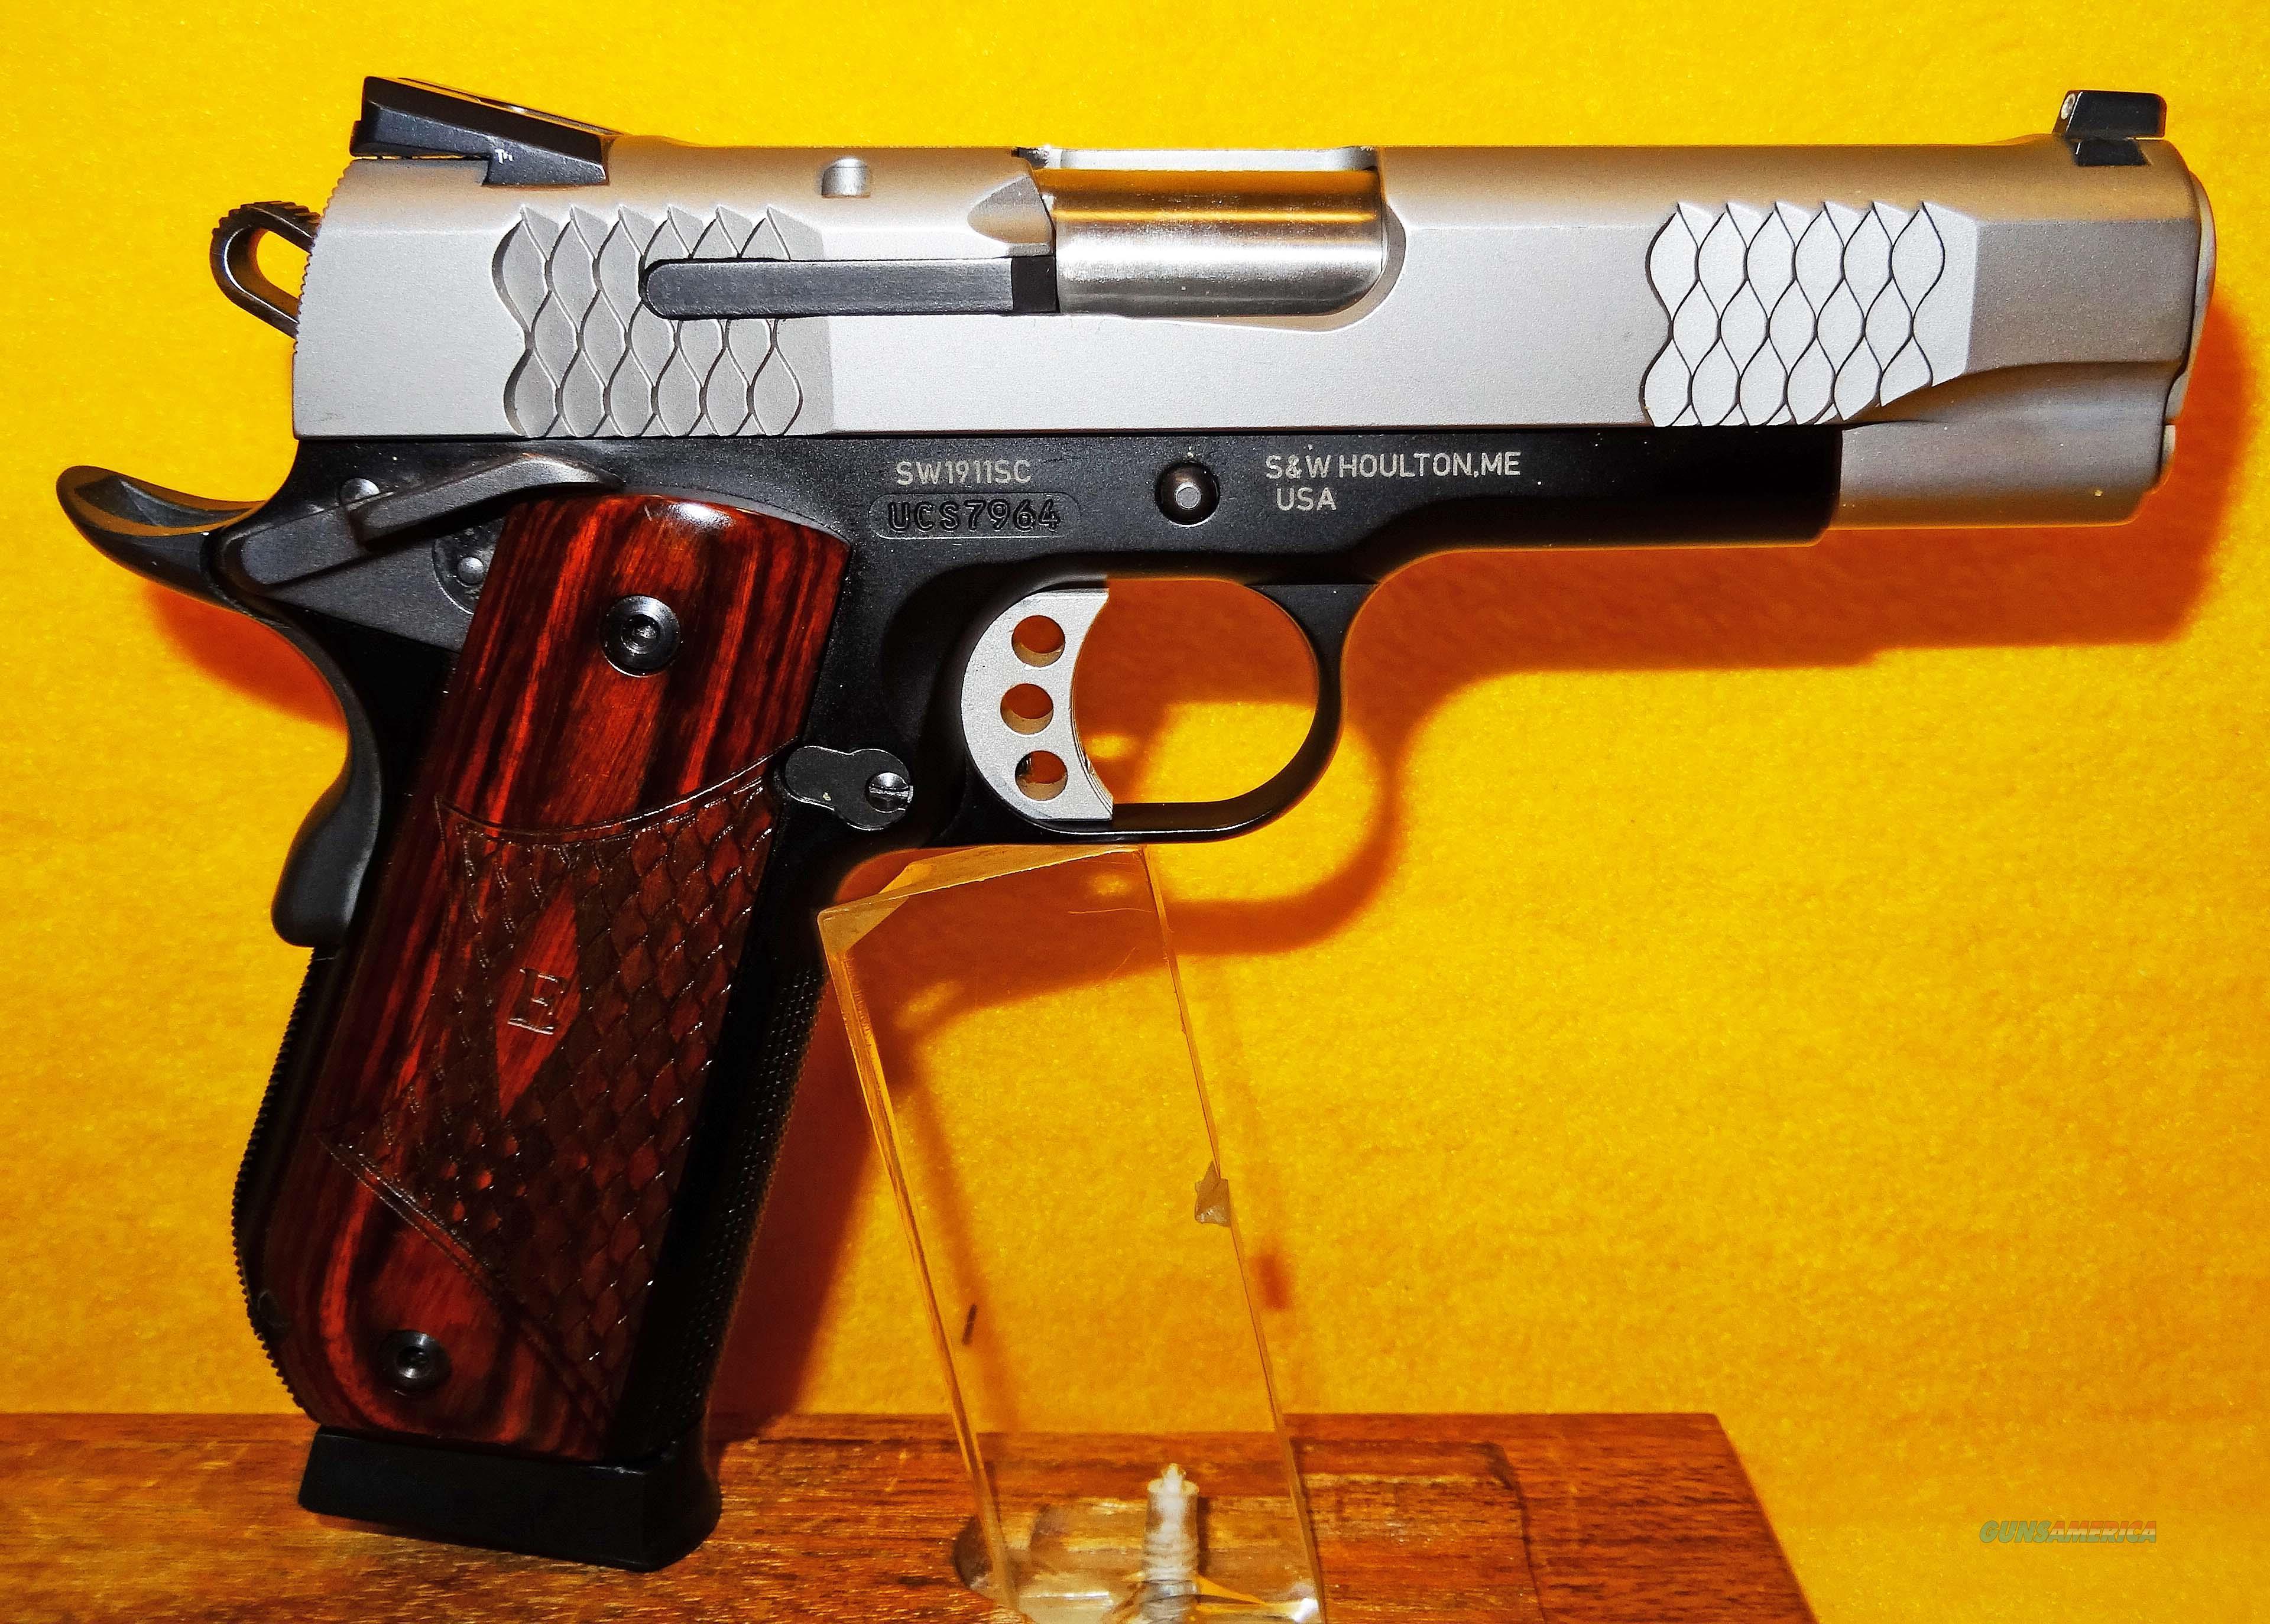 S&W 1911SC E-SERIES  Guns > Pistols > Smith & Wesson Pistols - Autos > Alloy Frame